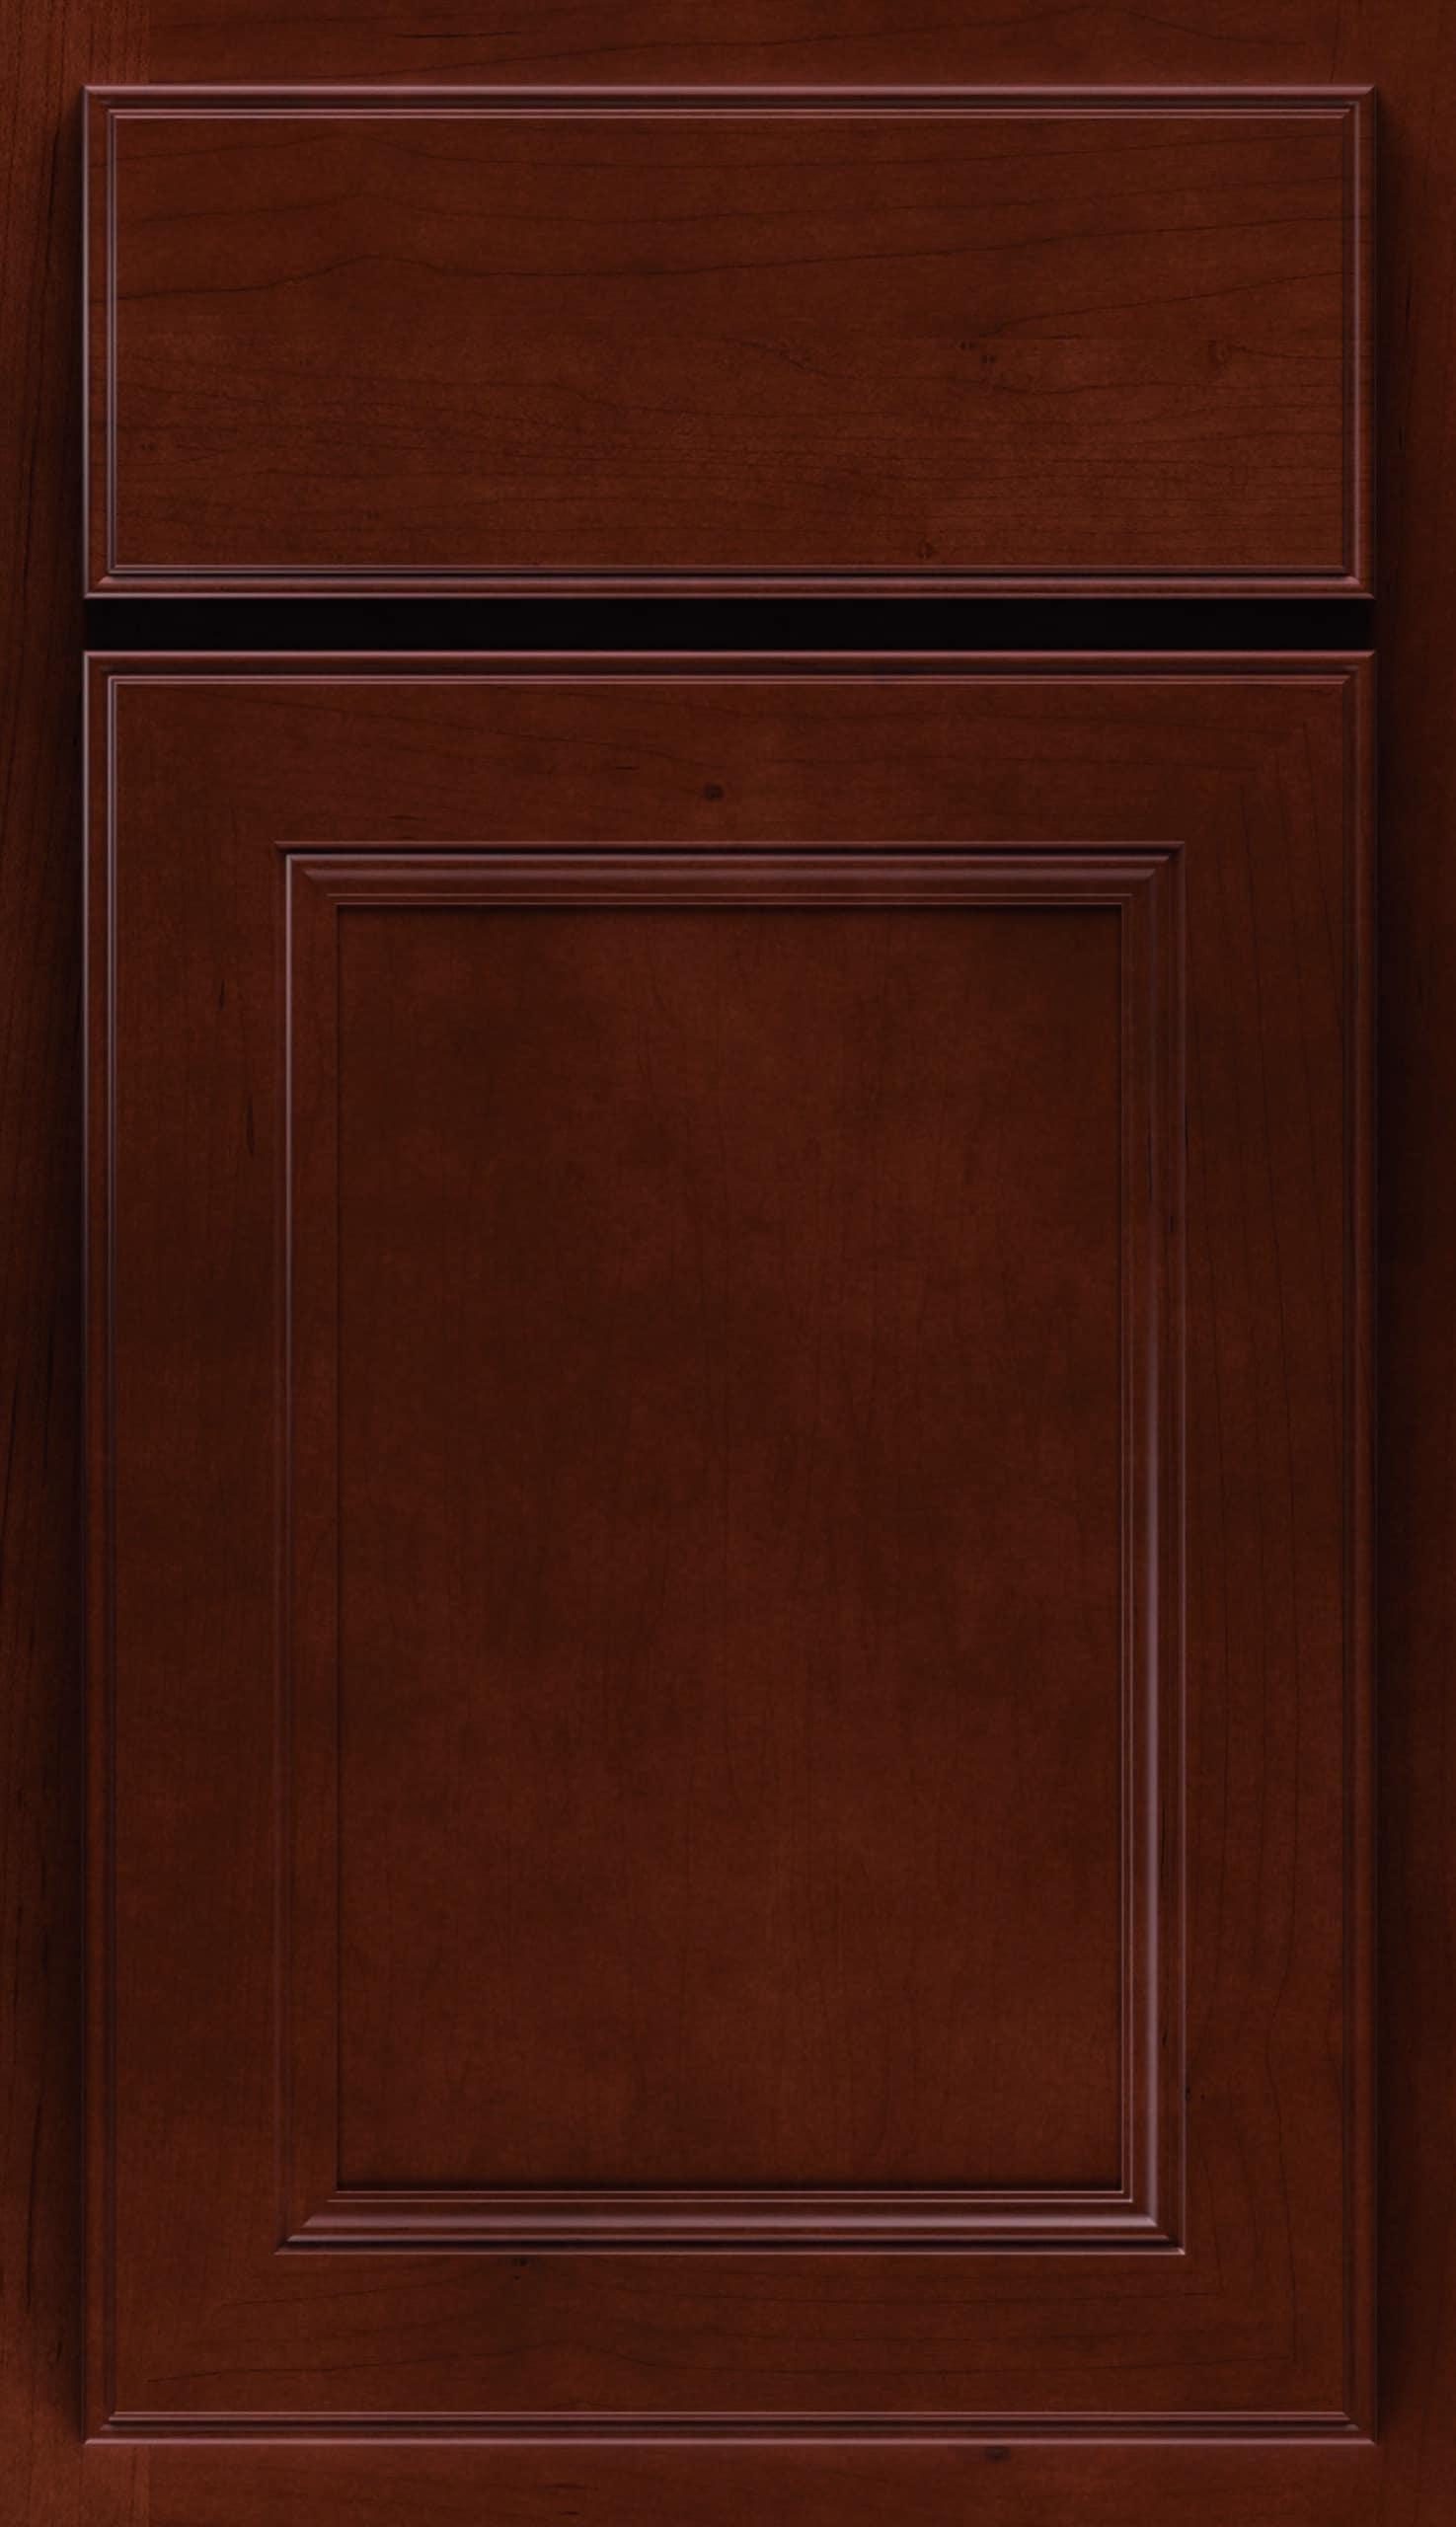 Melrose - Maple Ginger